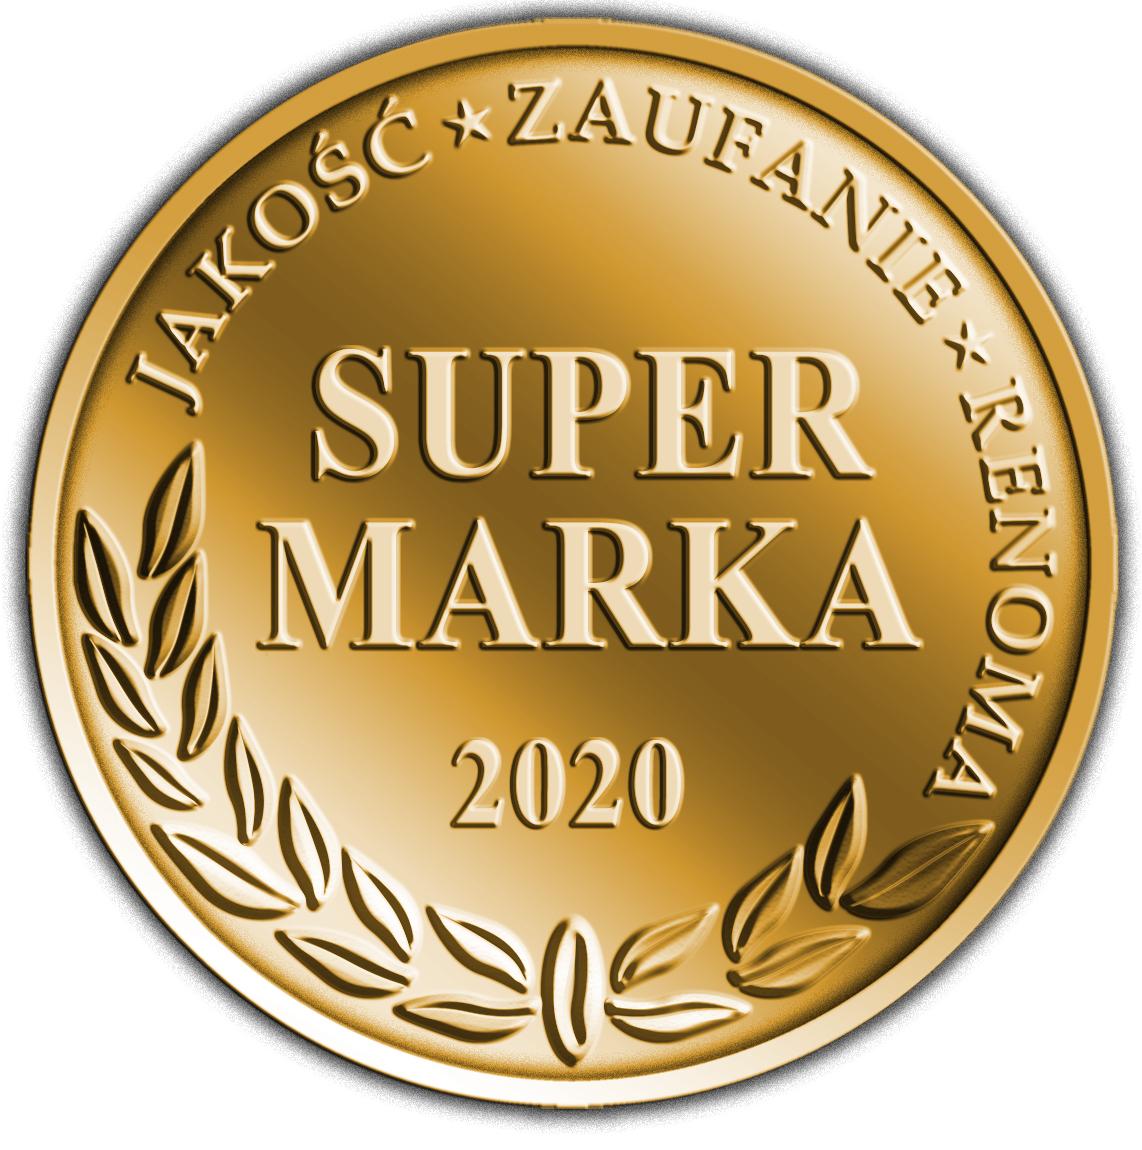 Buderus z prestiżowym tytułem Super Marka 2020 – Jakość, Zaufanie, Renoma.